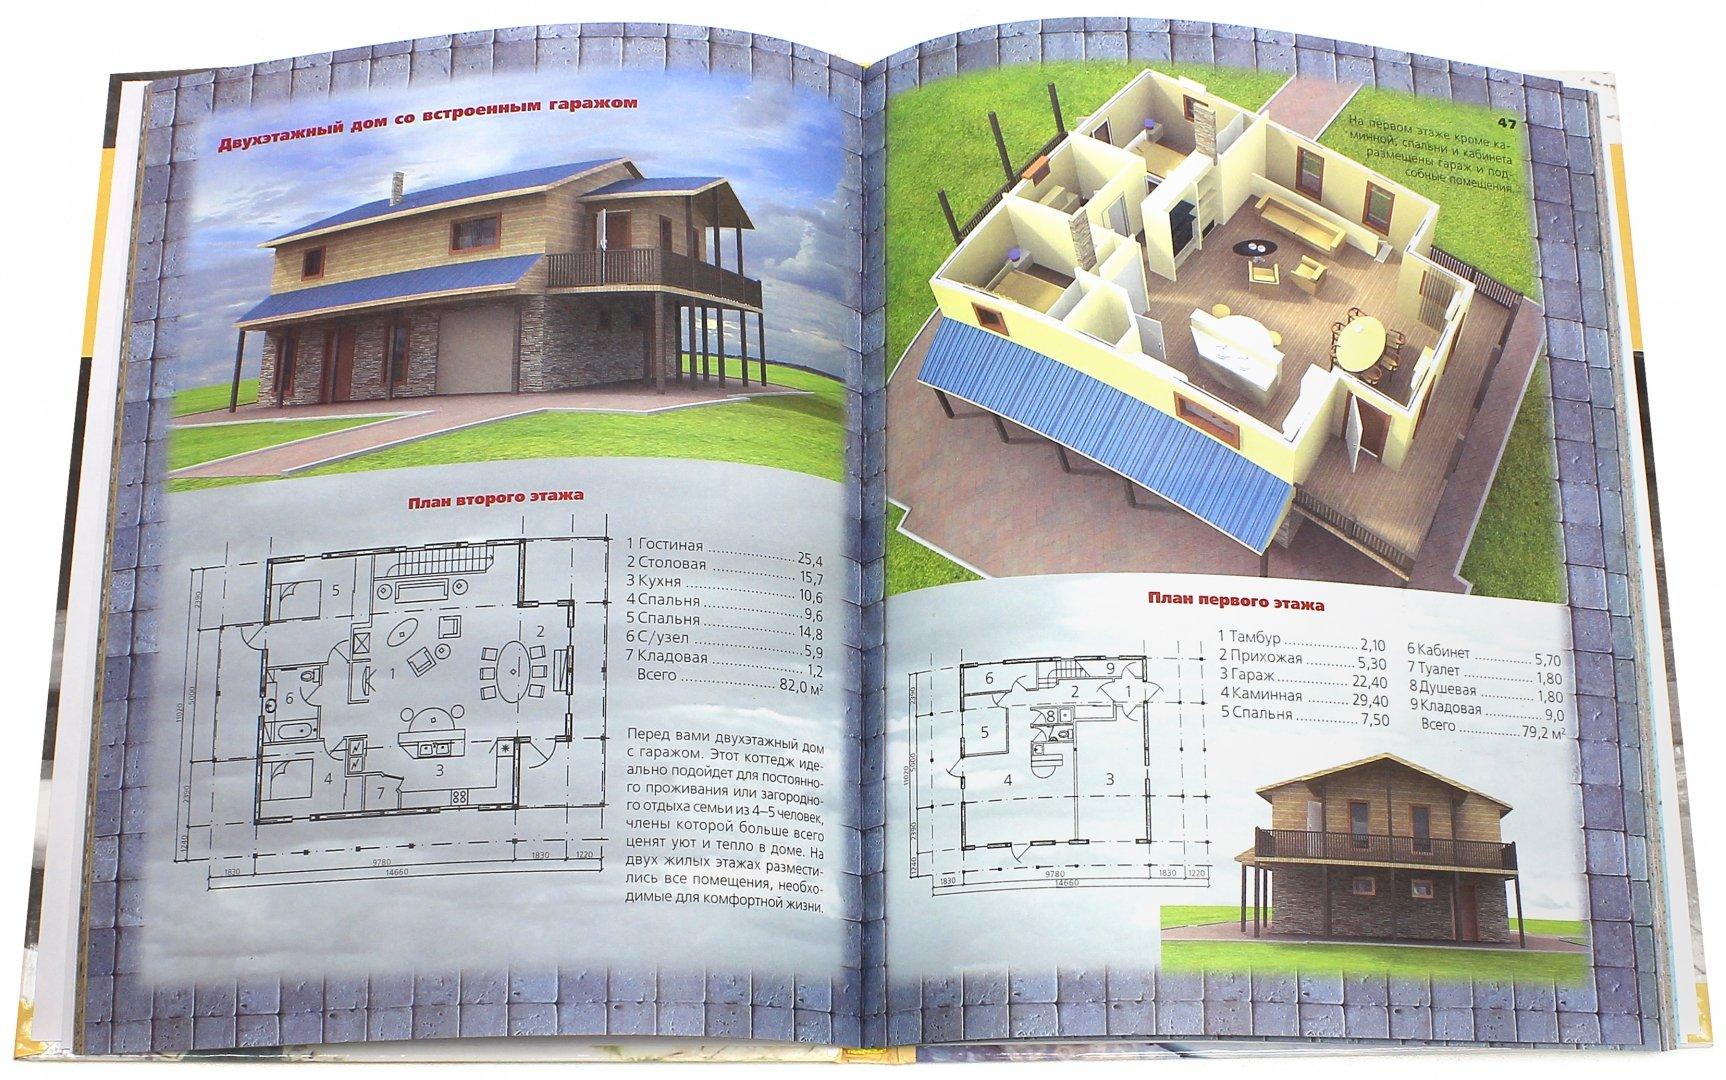 Иллюстрация 1 из 34 для Загородный дом. Проекты. Строительство. Сметы расходов | Лабиринт - книги. Источник: Лабиринт